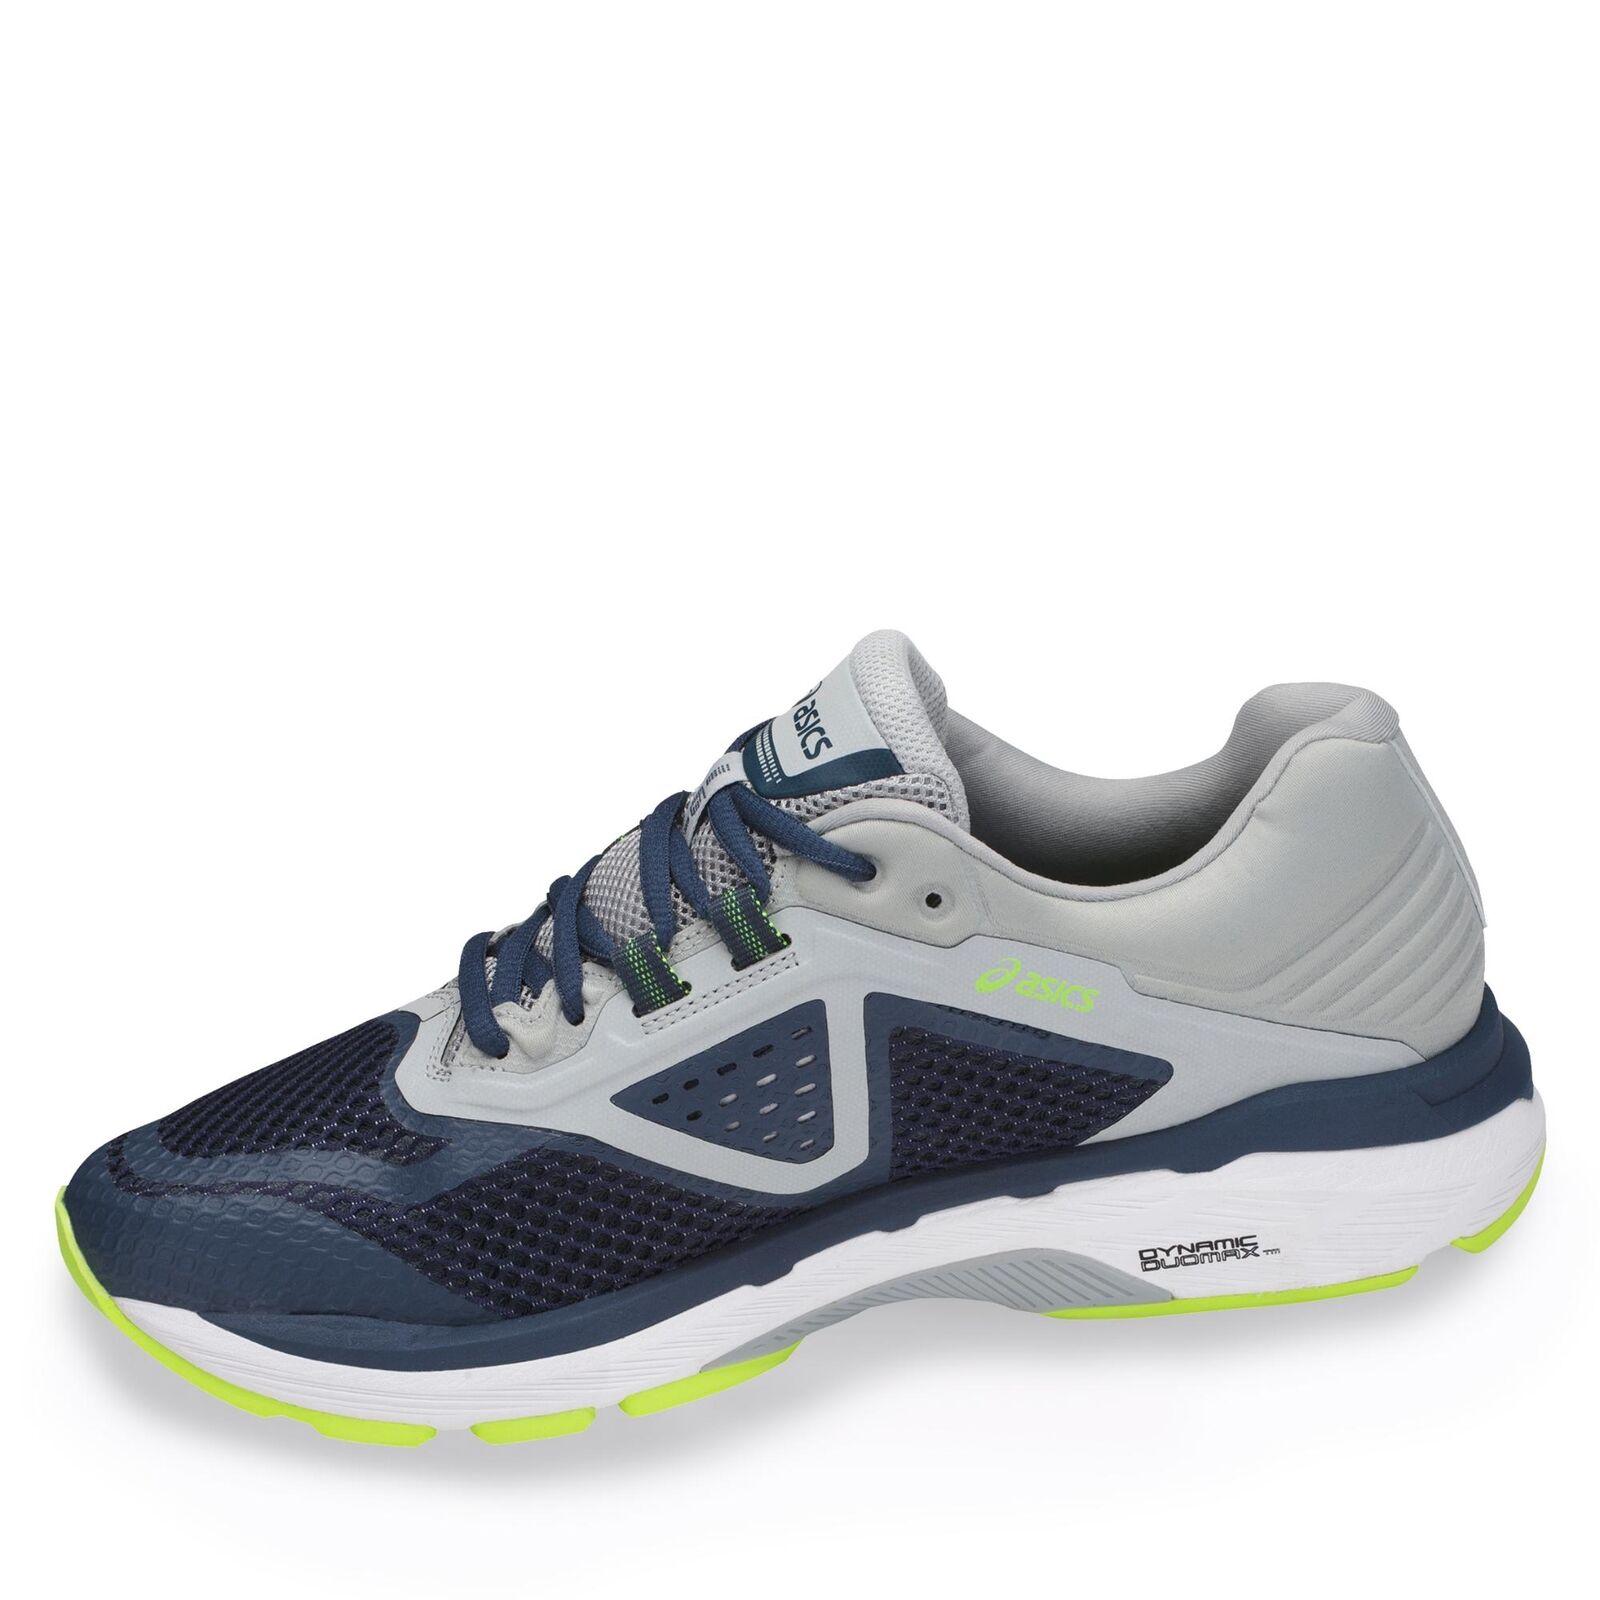 Asics GT-2000 6 Herren Laufschuhe Sportschuhe Running Schuhe dunkelblau grau